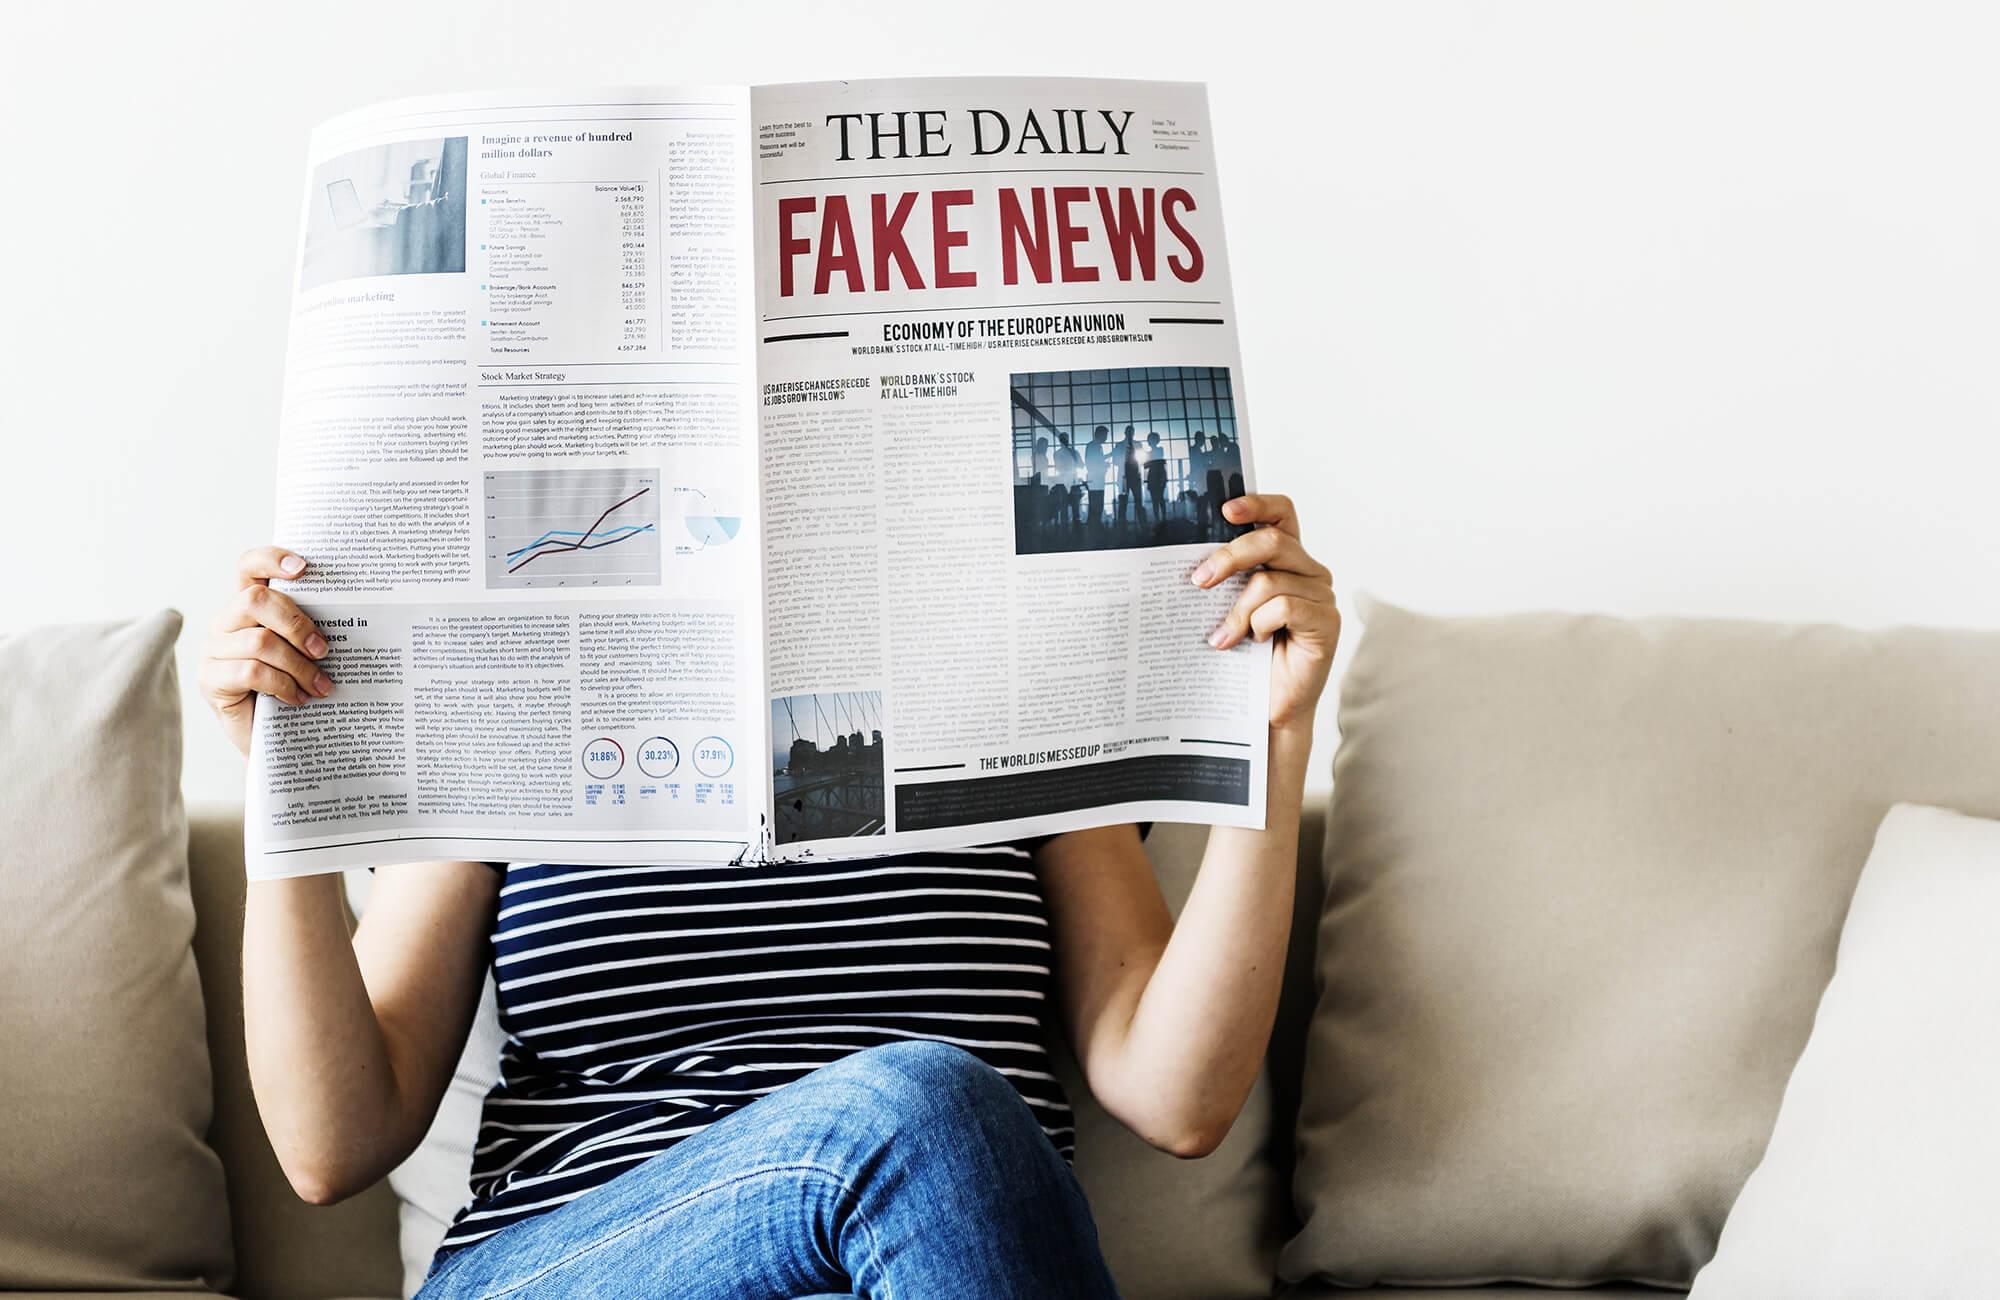 Како да препознаеш лажни вести и онлајн дезинформации